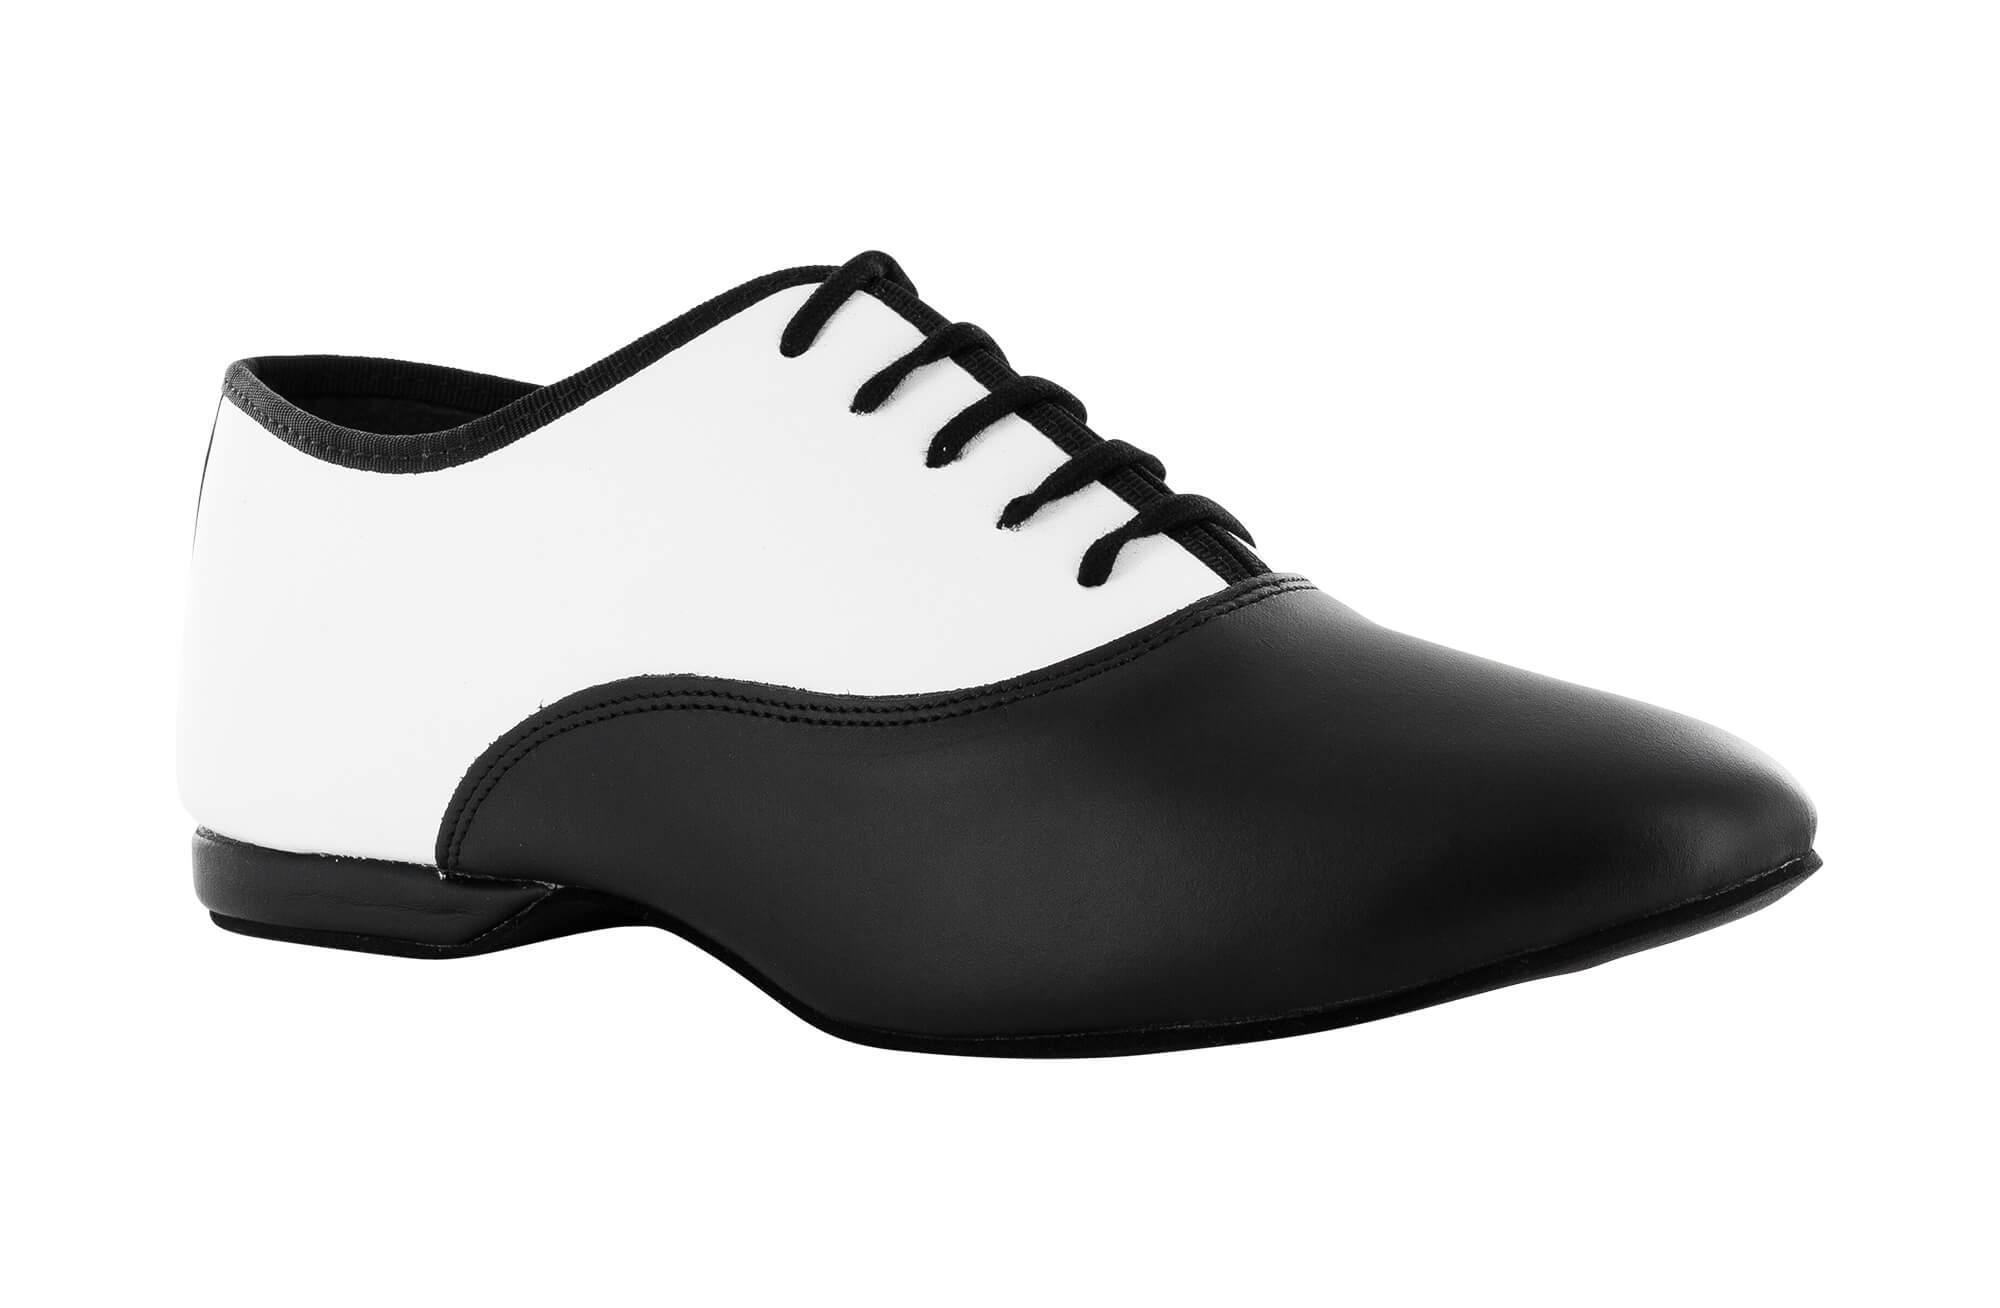 sports shoes 05a52 0c024 Scarpa da ballo uomo stringata in pelle bianco e nero, tacco 1 cm